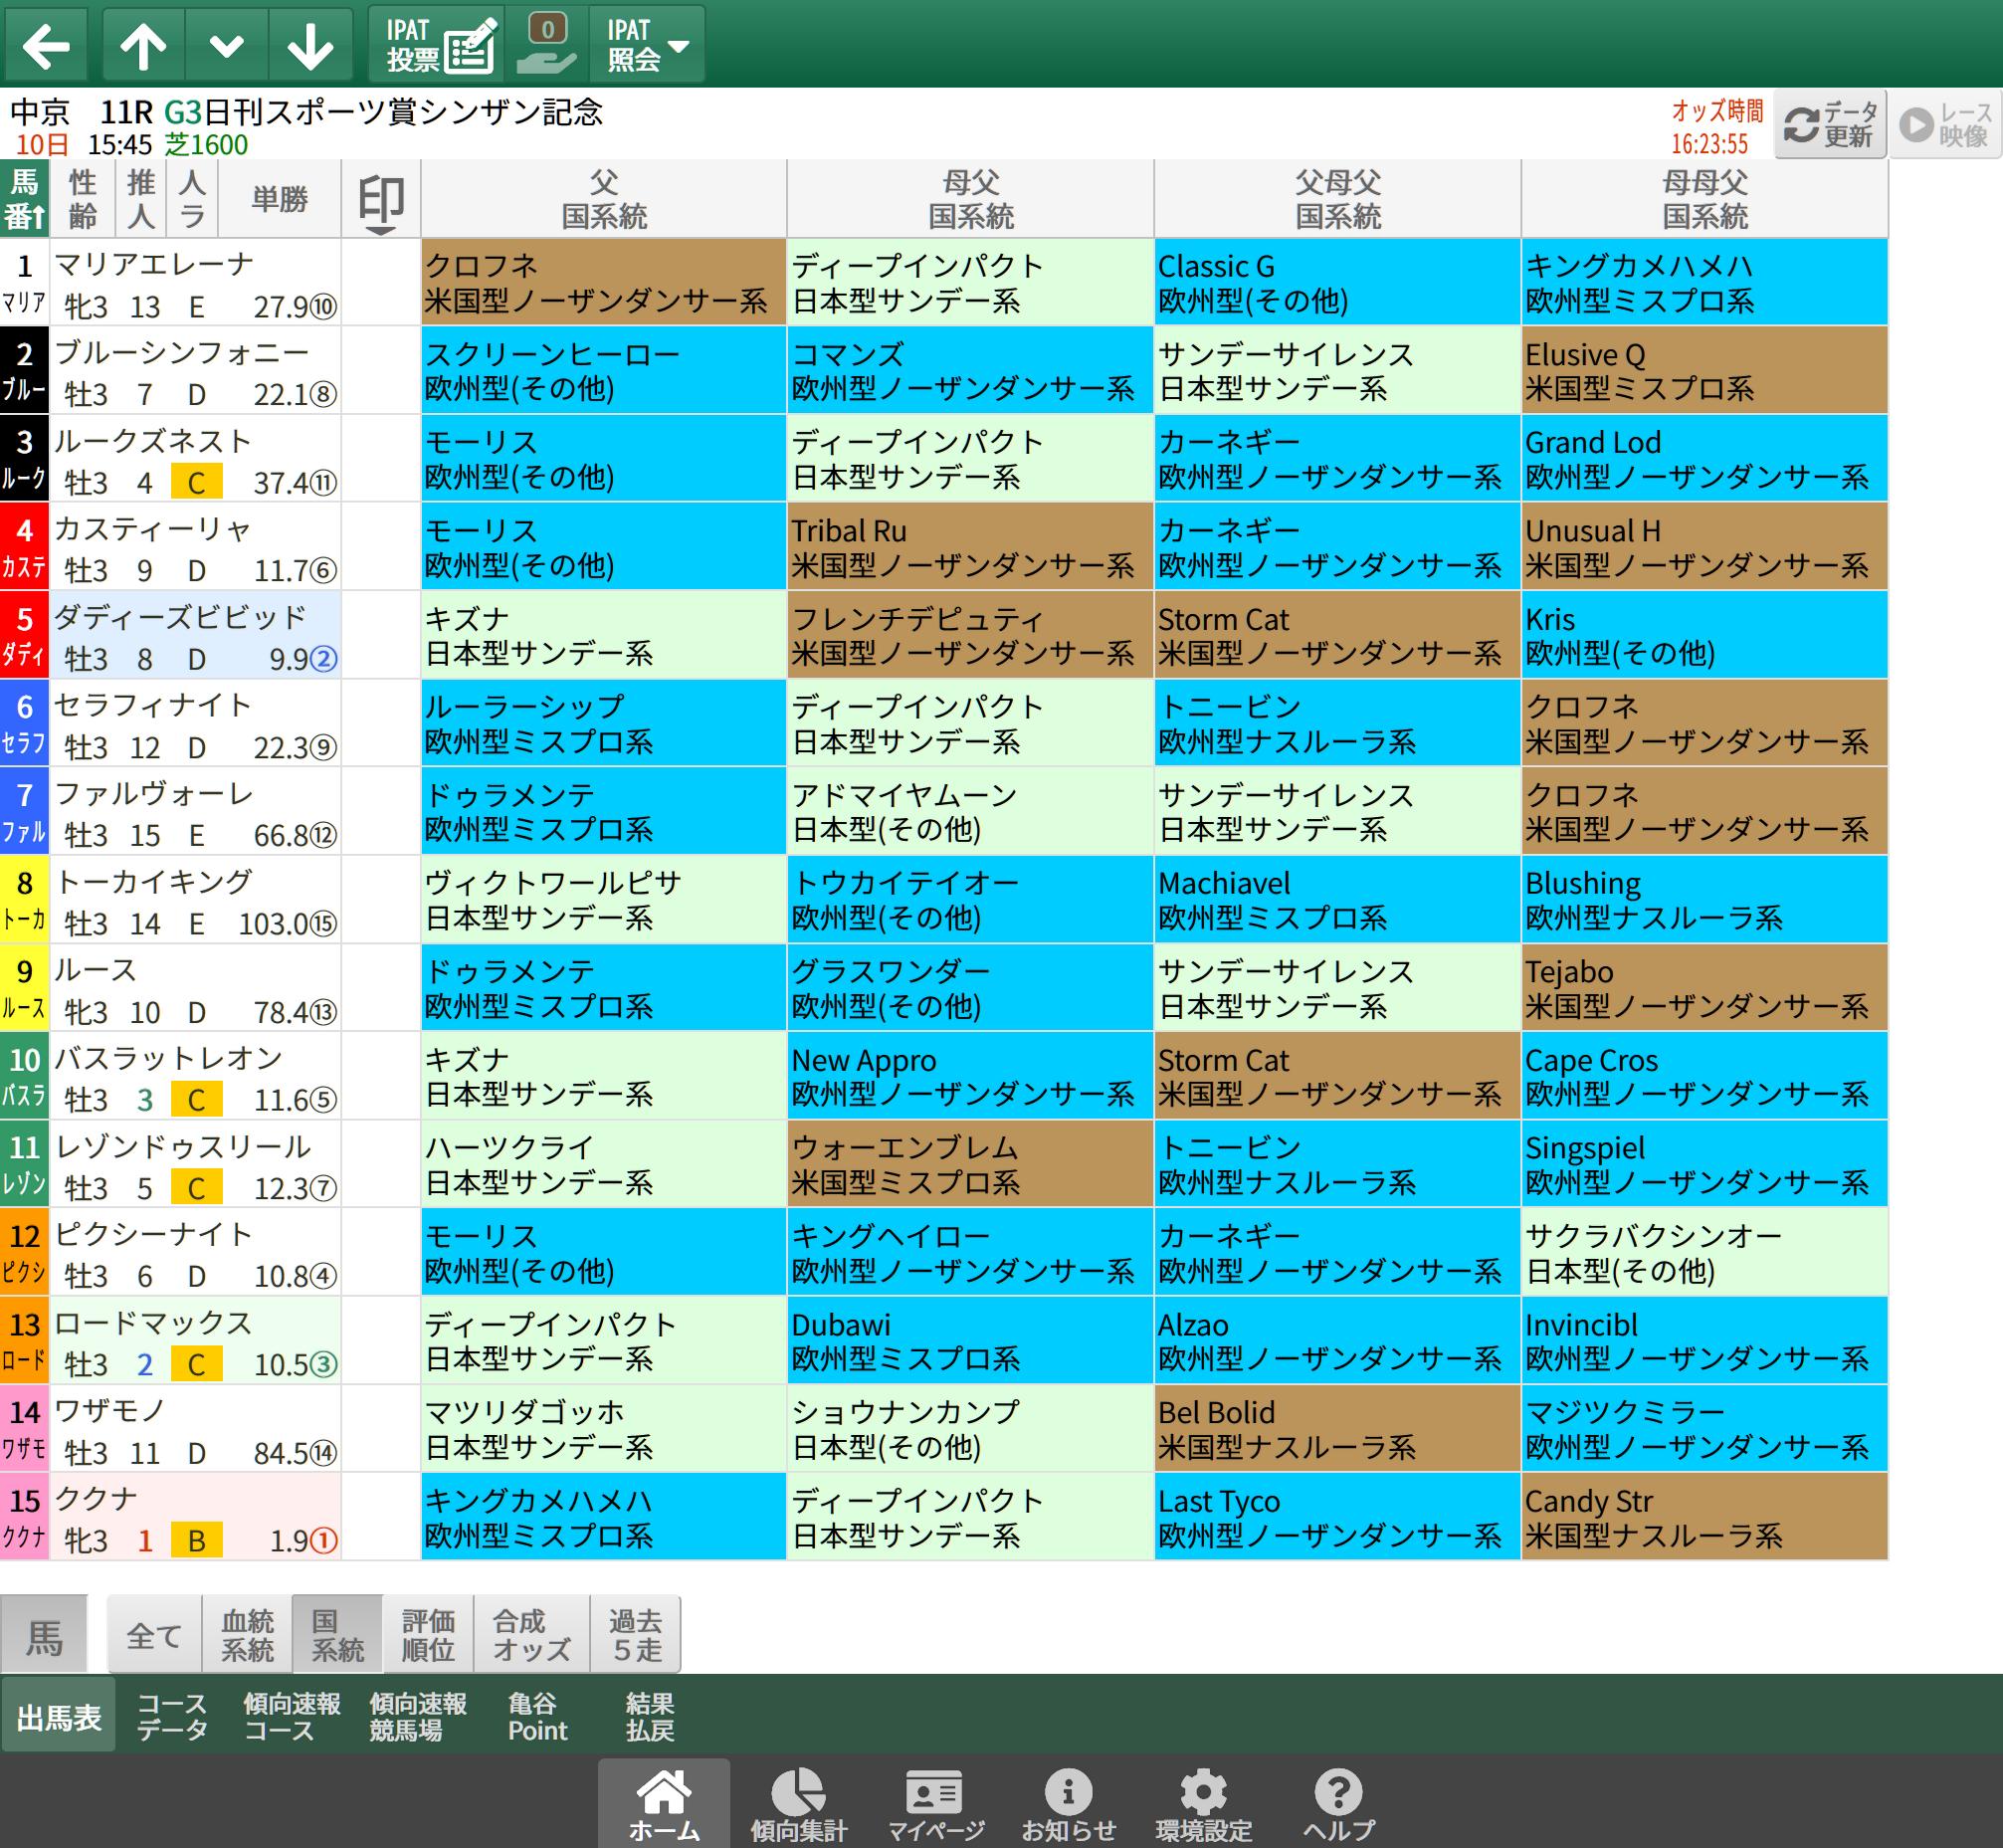 【無料公開】シンザン記念 / 亀谷サロン限定公開中のスマート出馬表・次期バージョン